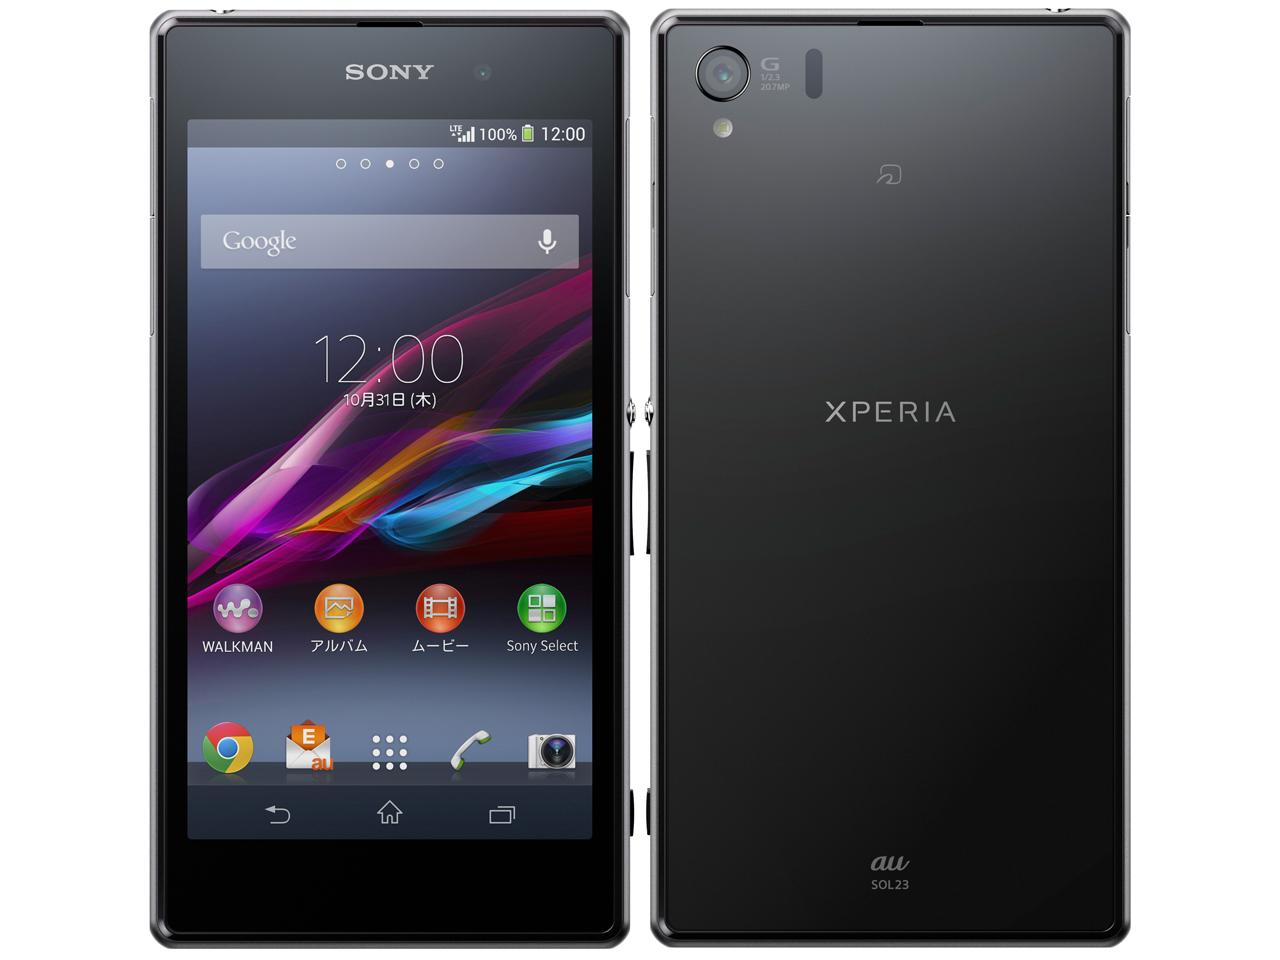 ソニーモバイルコミュニケーションズ Xperia Z1 製品画像